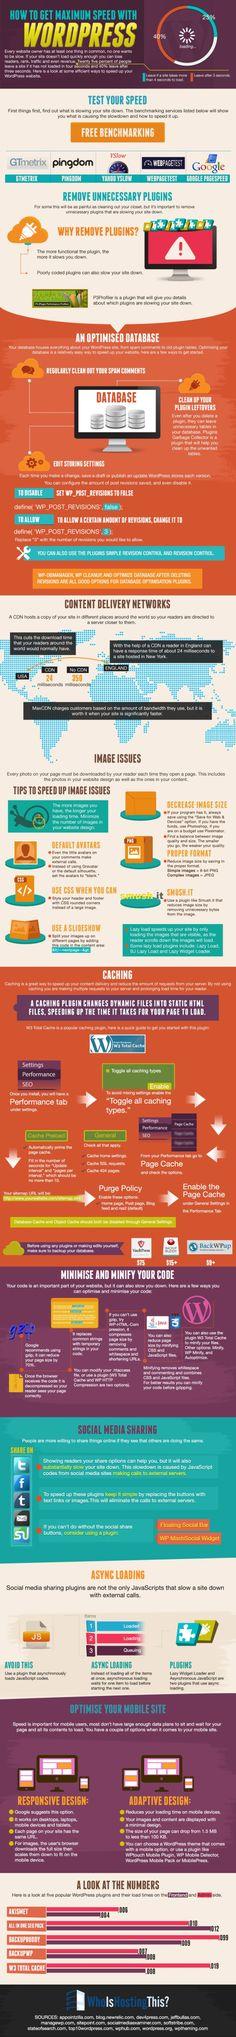 [Infographic] Een snellere WordPress website